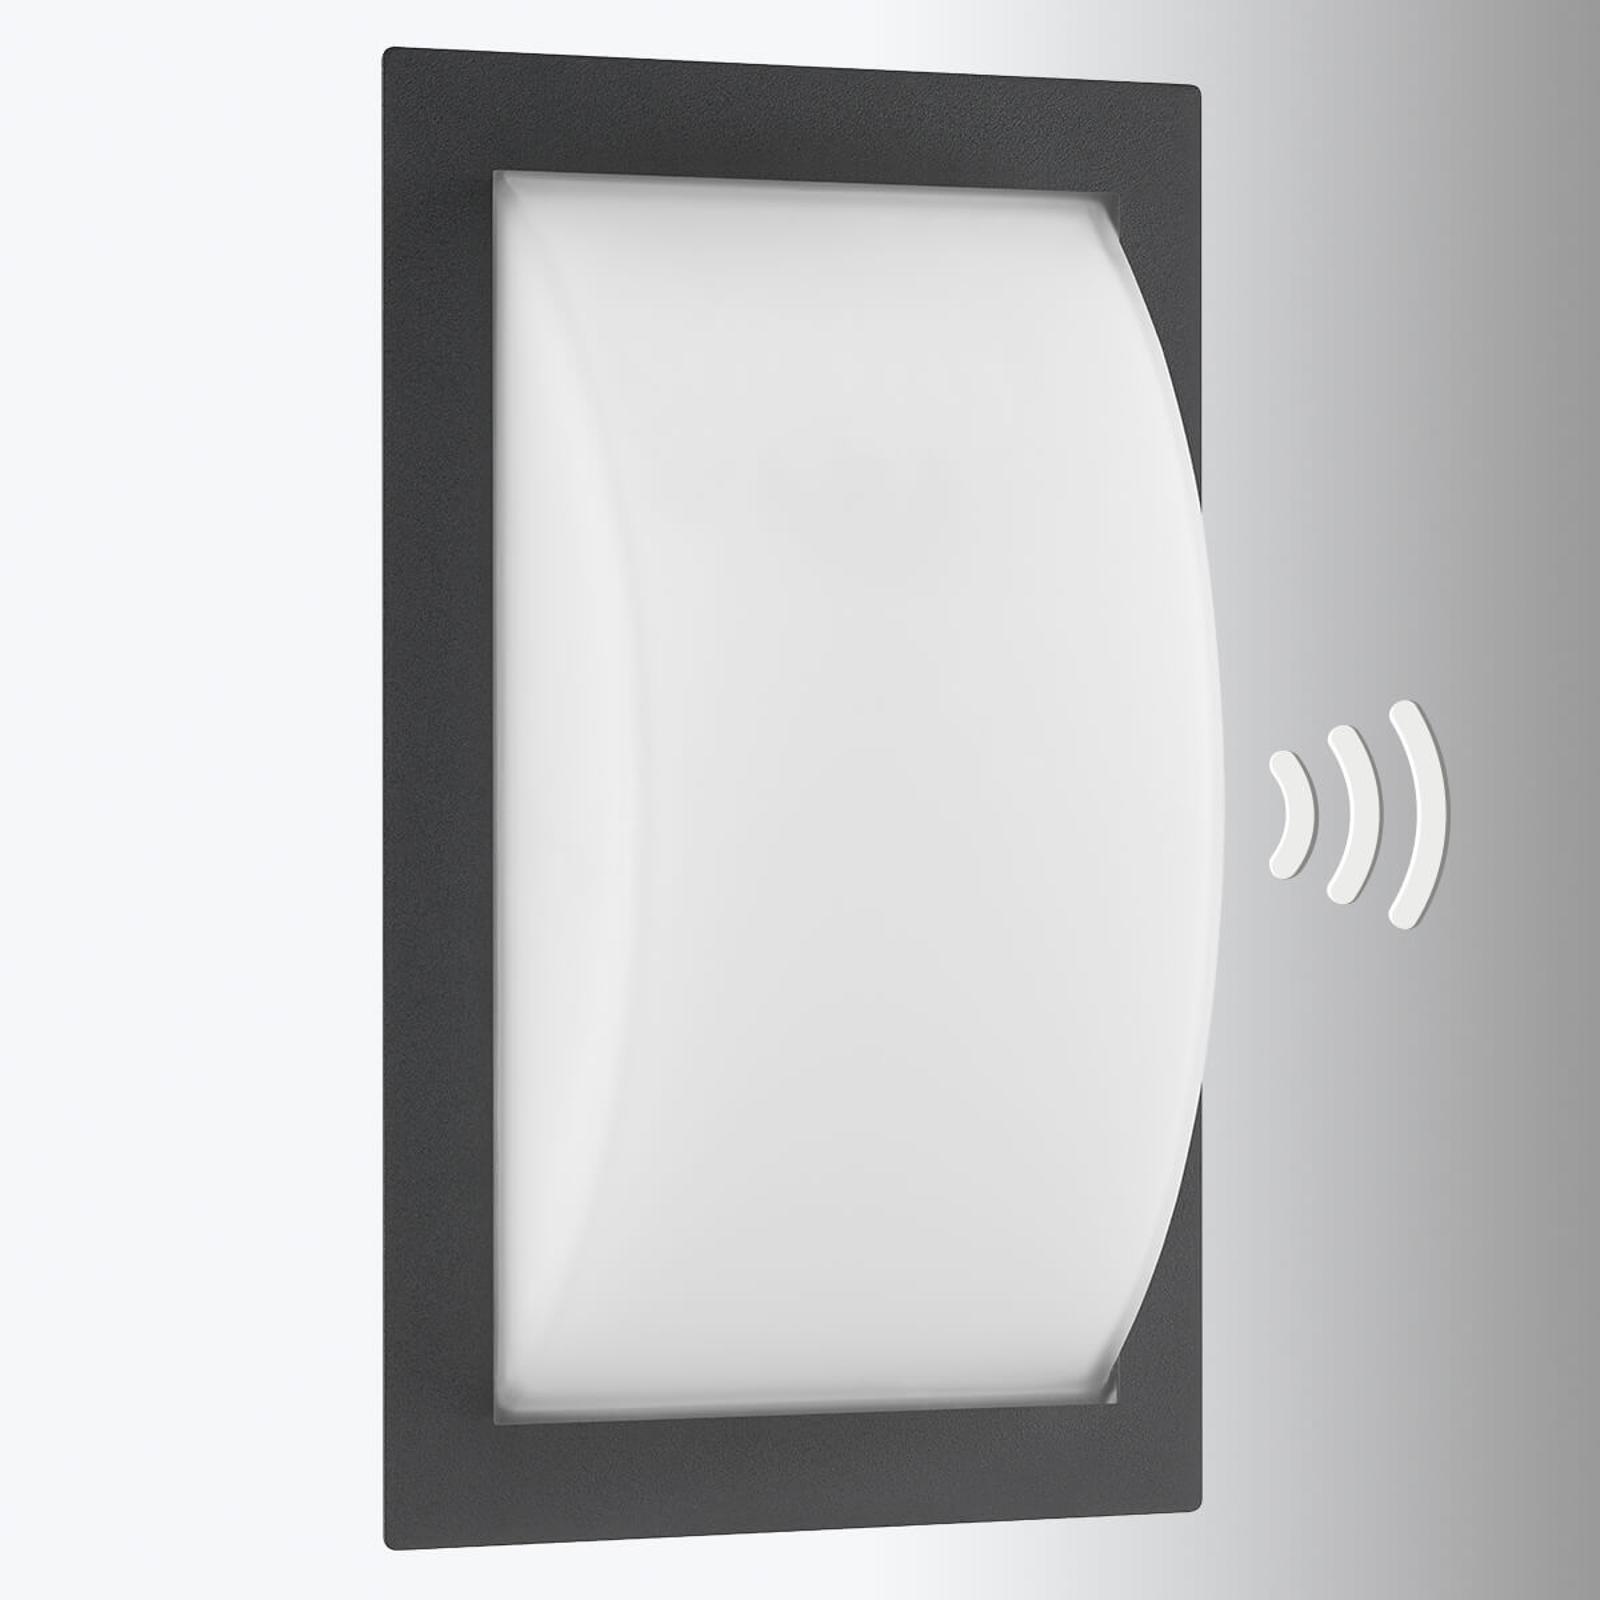 Lampa zewnętrzna Ivett z czujnikiem ruchu i LED